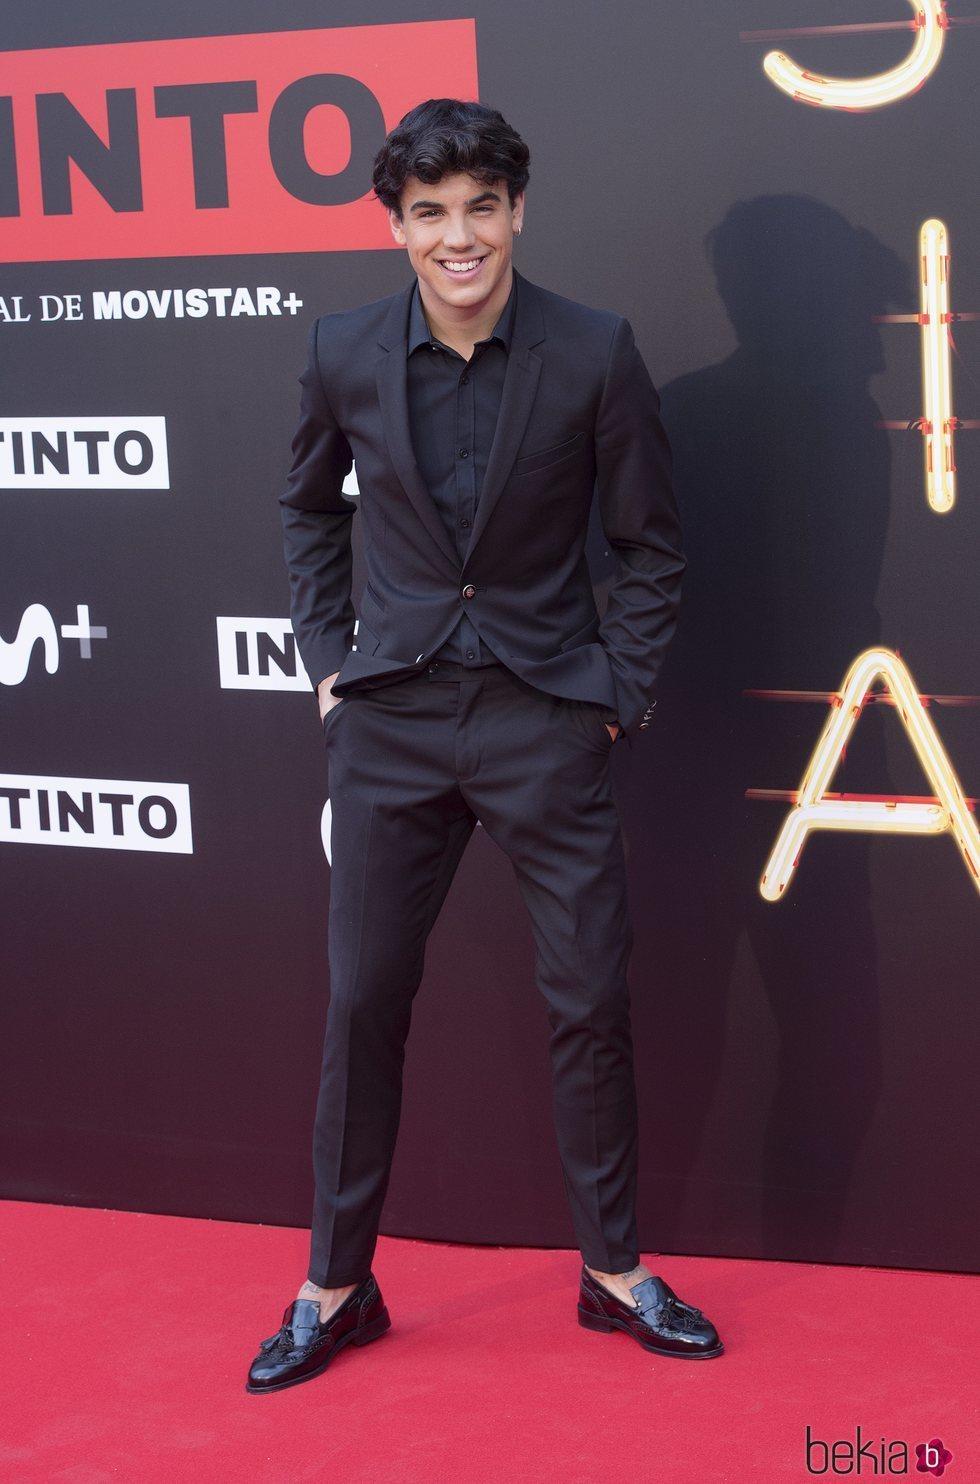 Oscar Casas en la premiere de la serie 'Instinto'